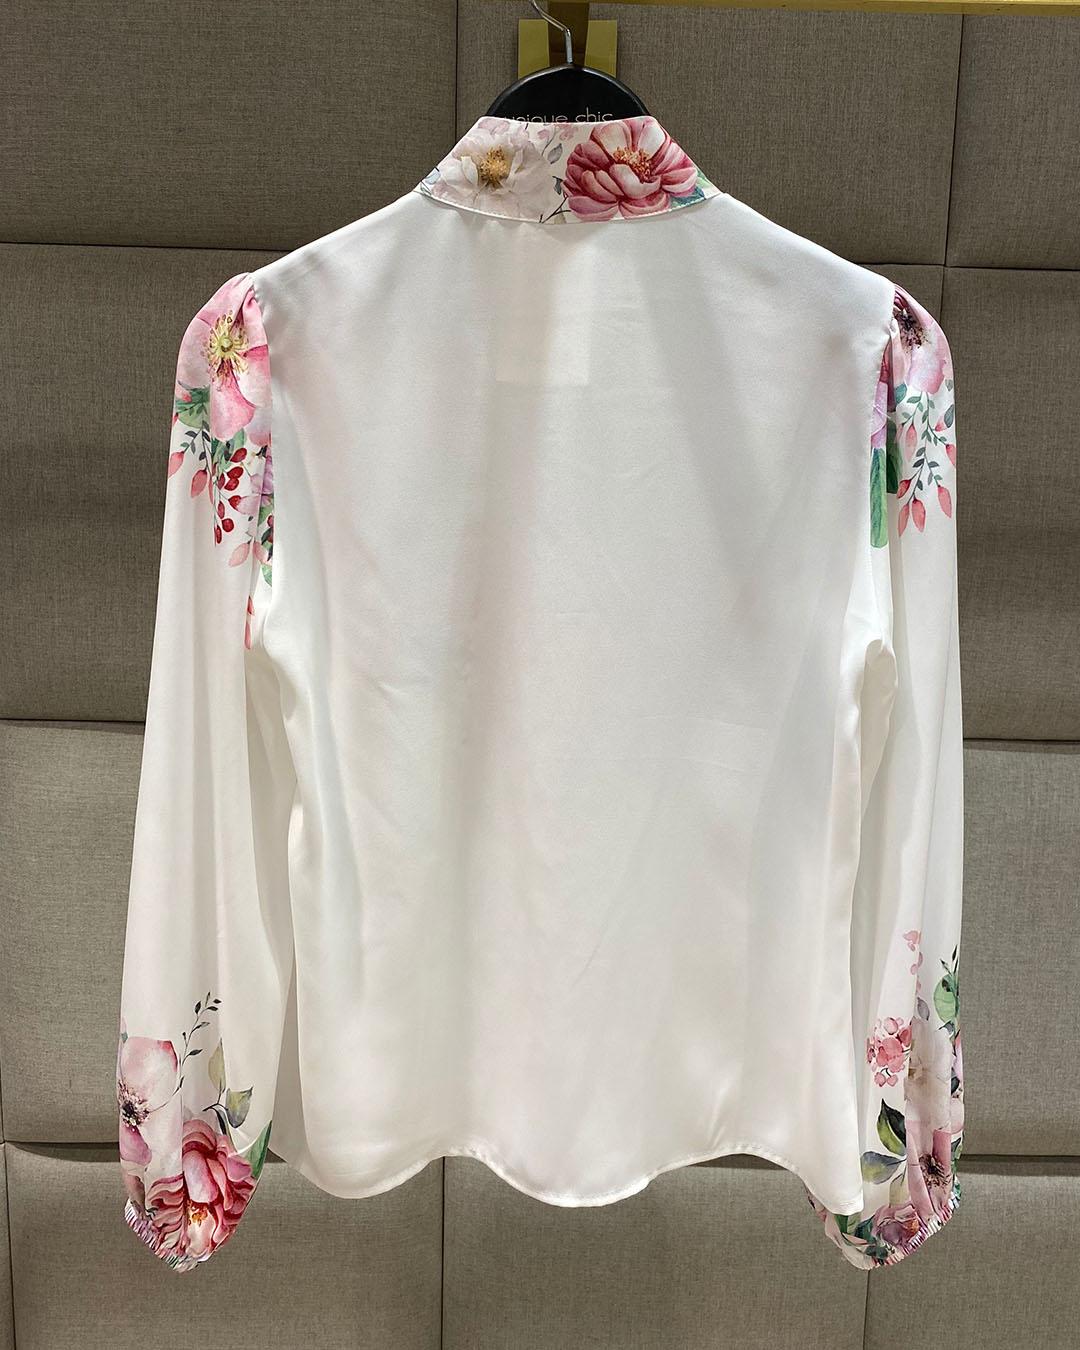 Camisa Manga Longa Floral Print Gola Alta Unique Chic